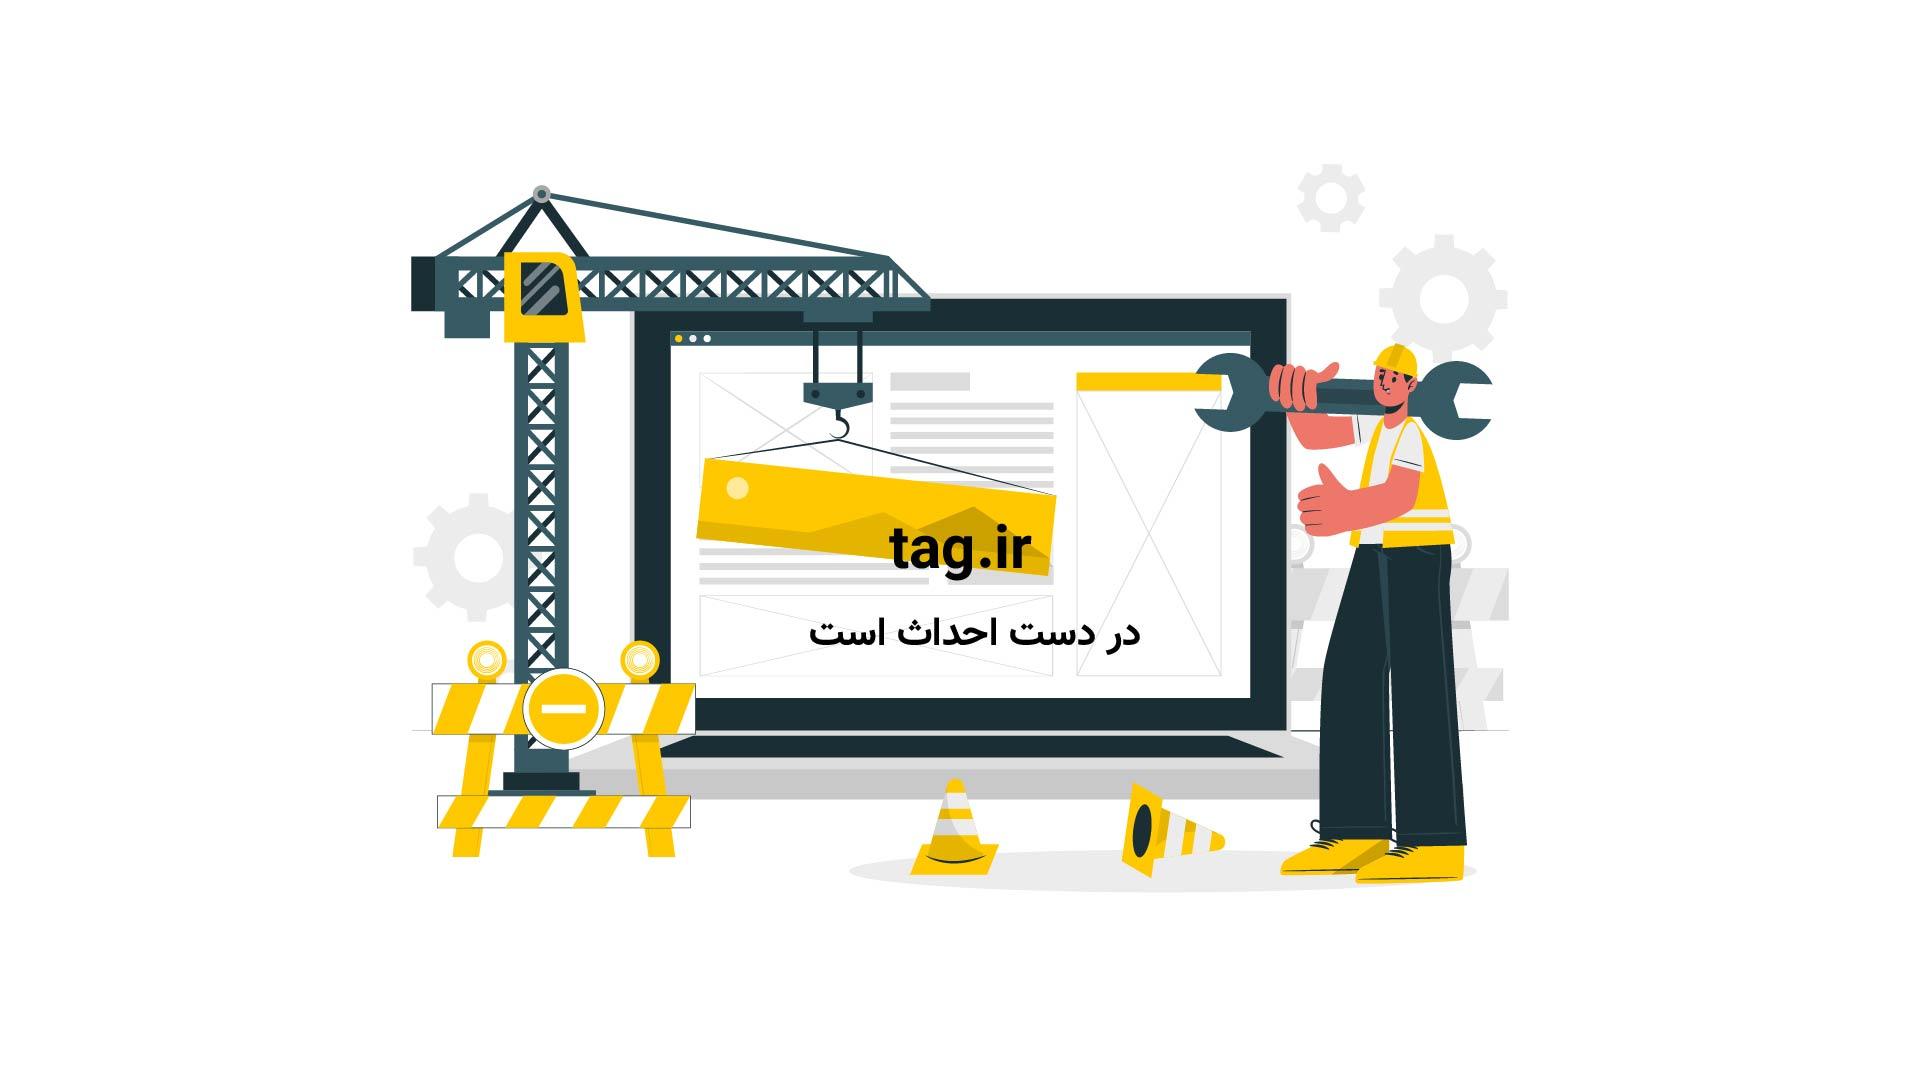 سخنرانیهای تد؛ ارسال هدیهای از آسمان به زمین | فیلم